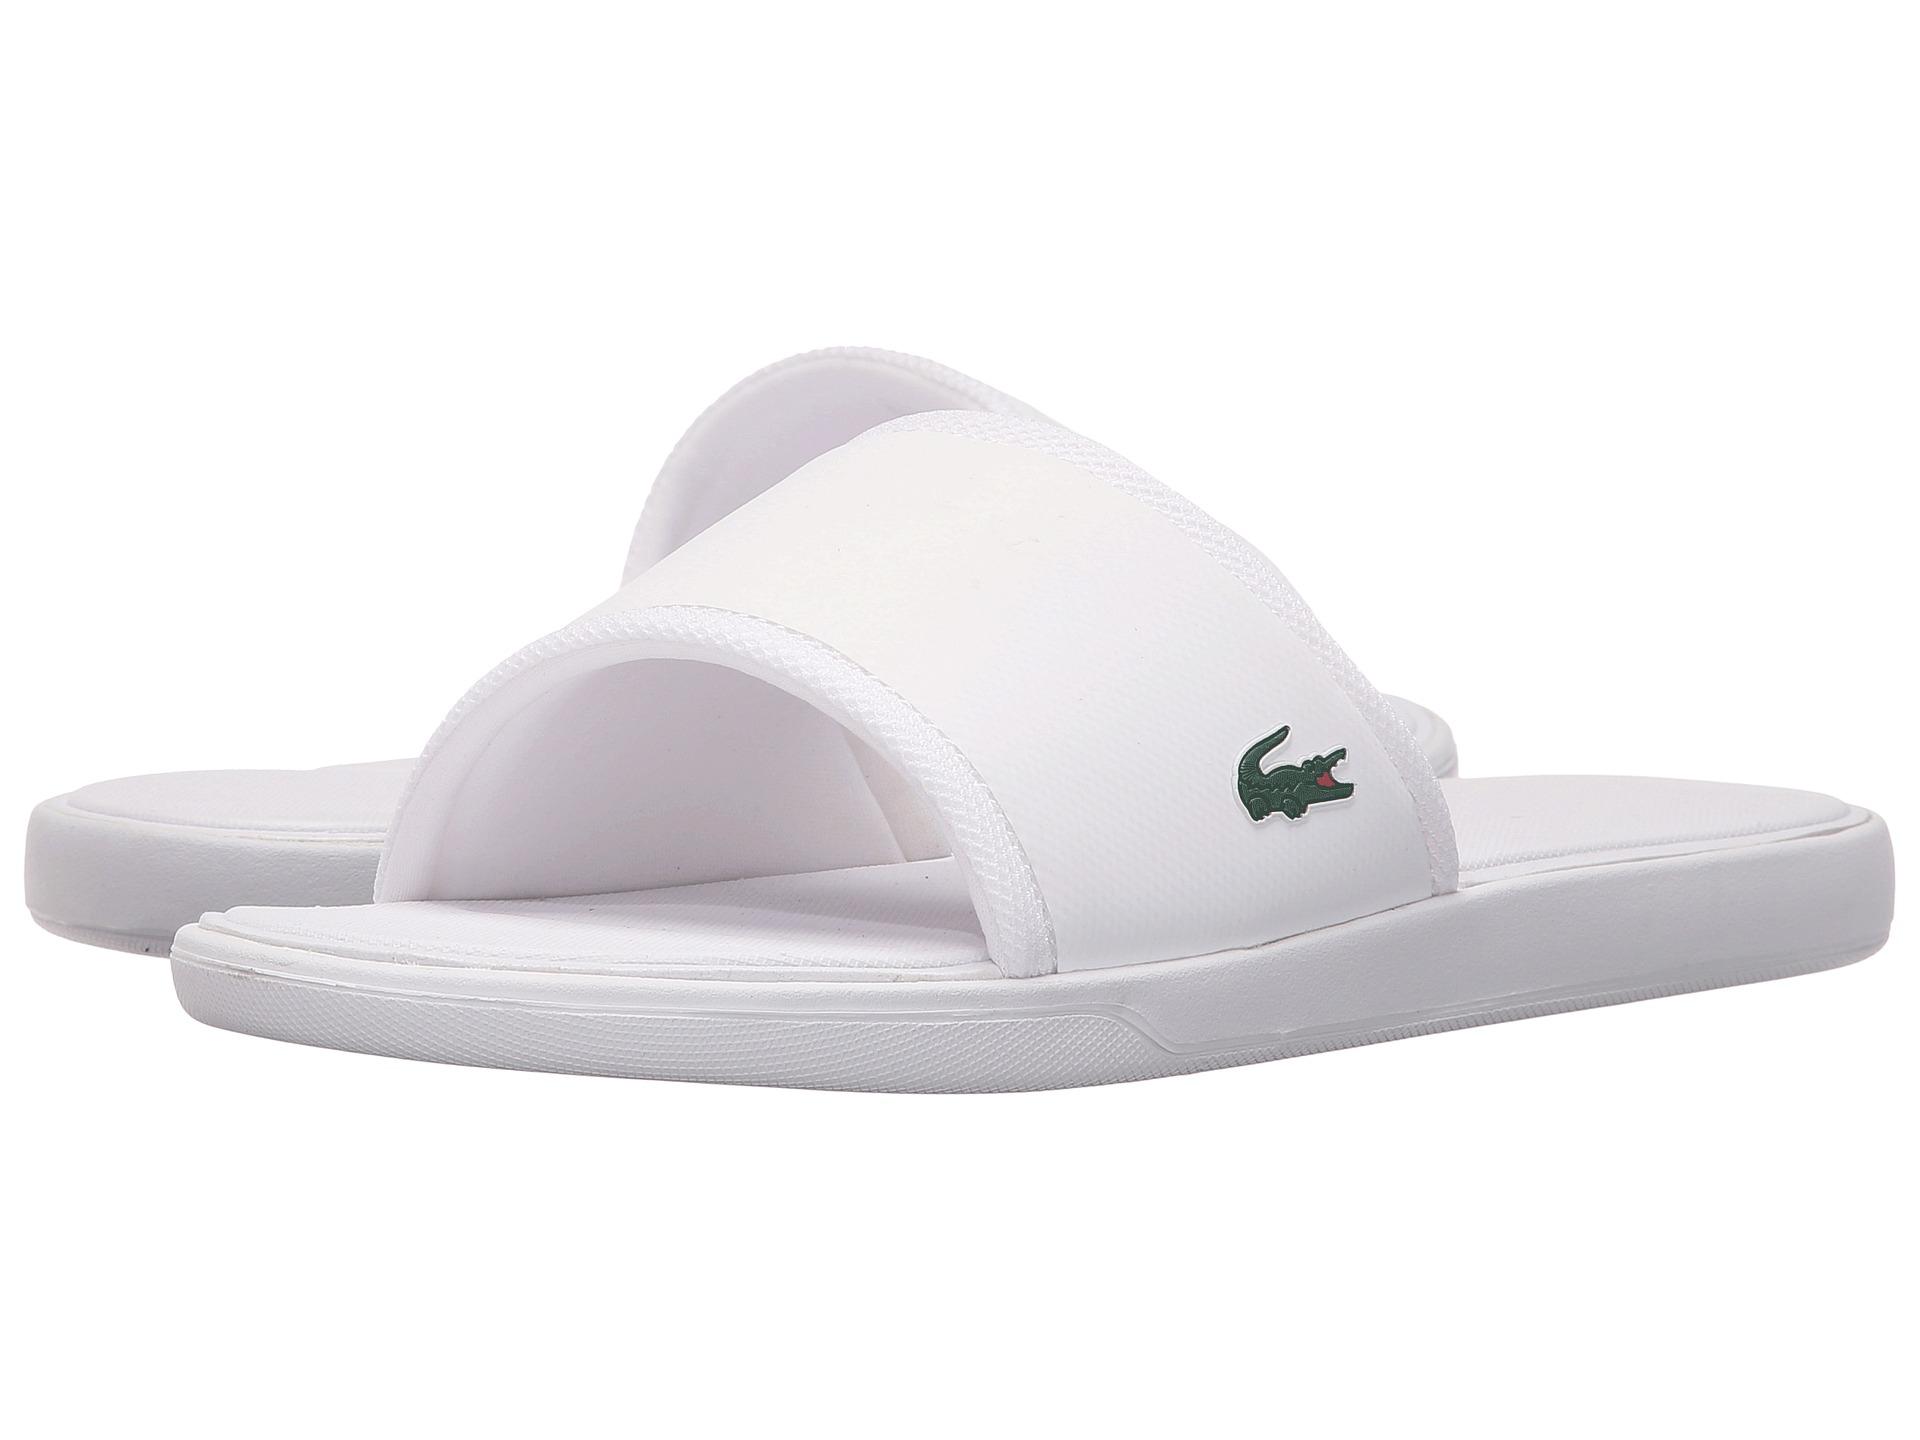 dbc7b489755093 Lyst - Lacoste L.30 Slide Sport Spm in White for Men